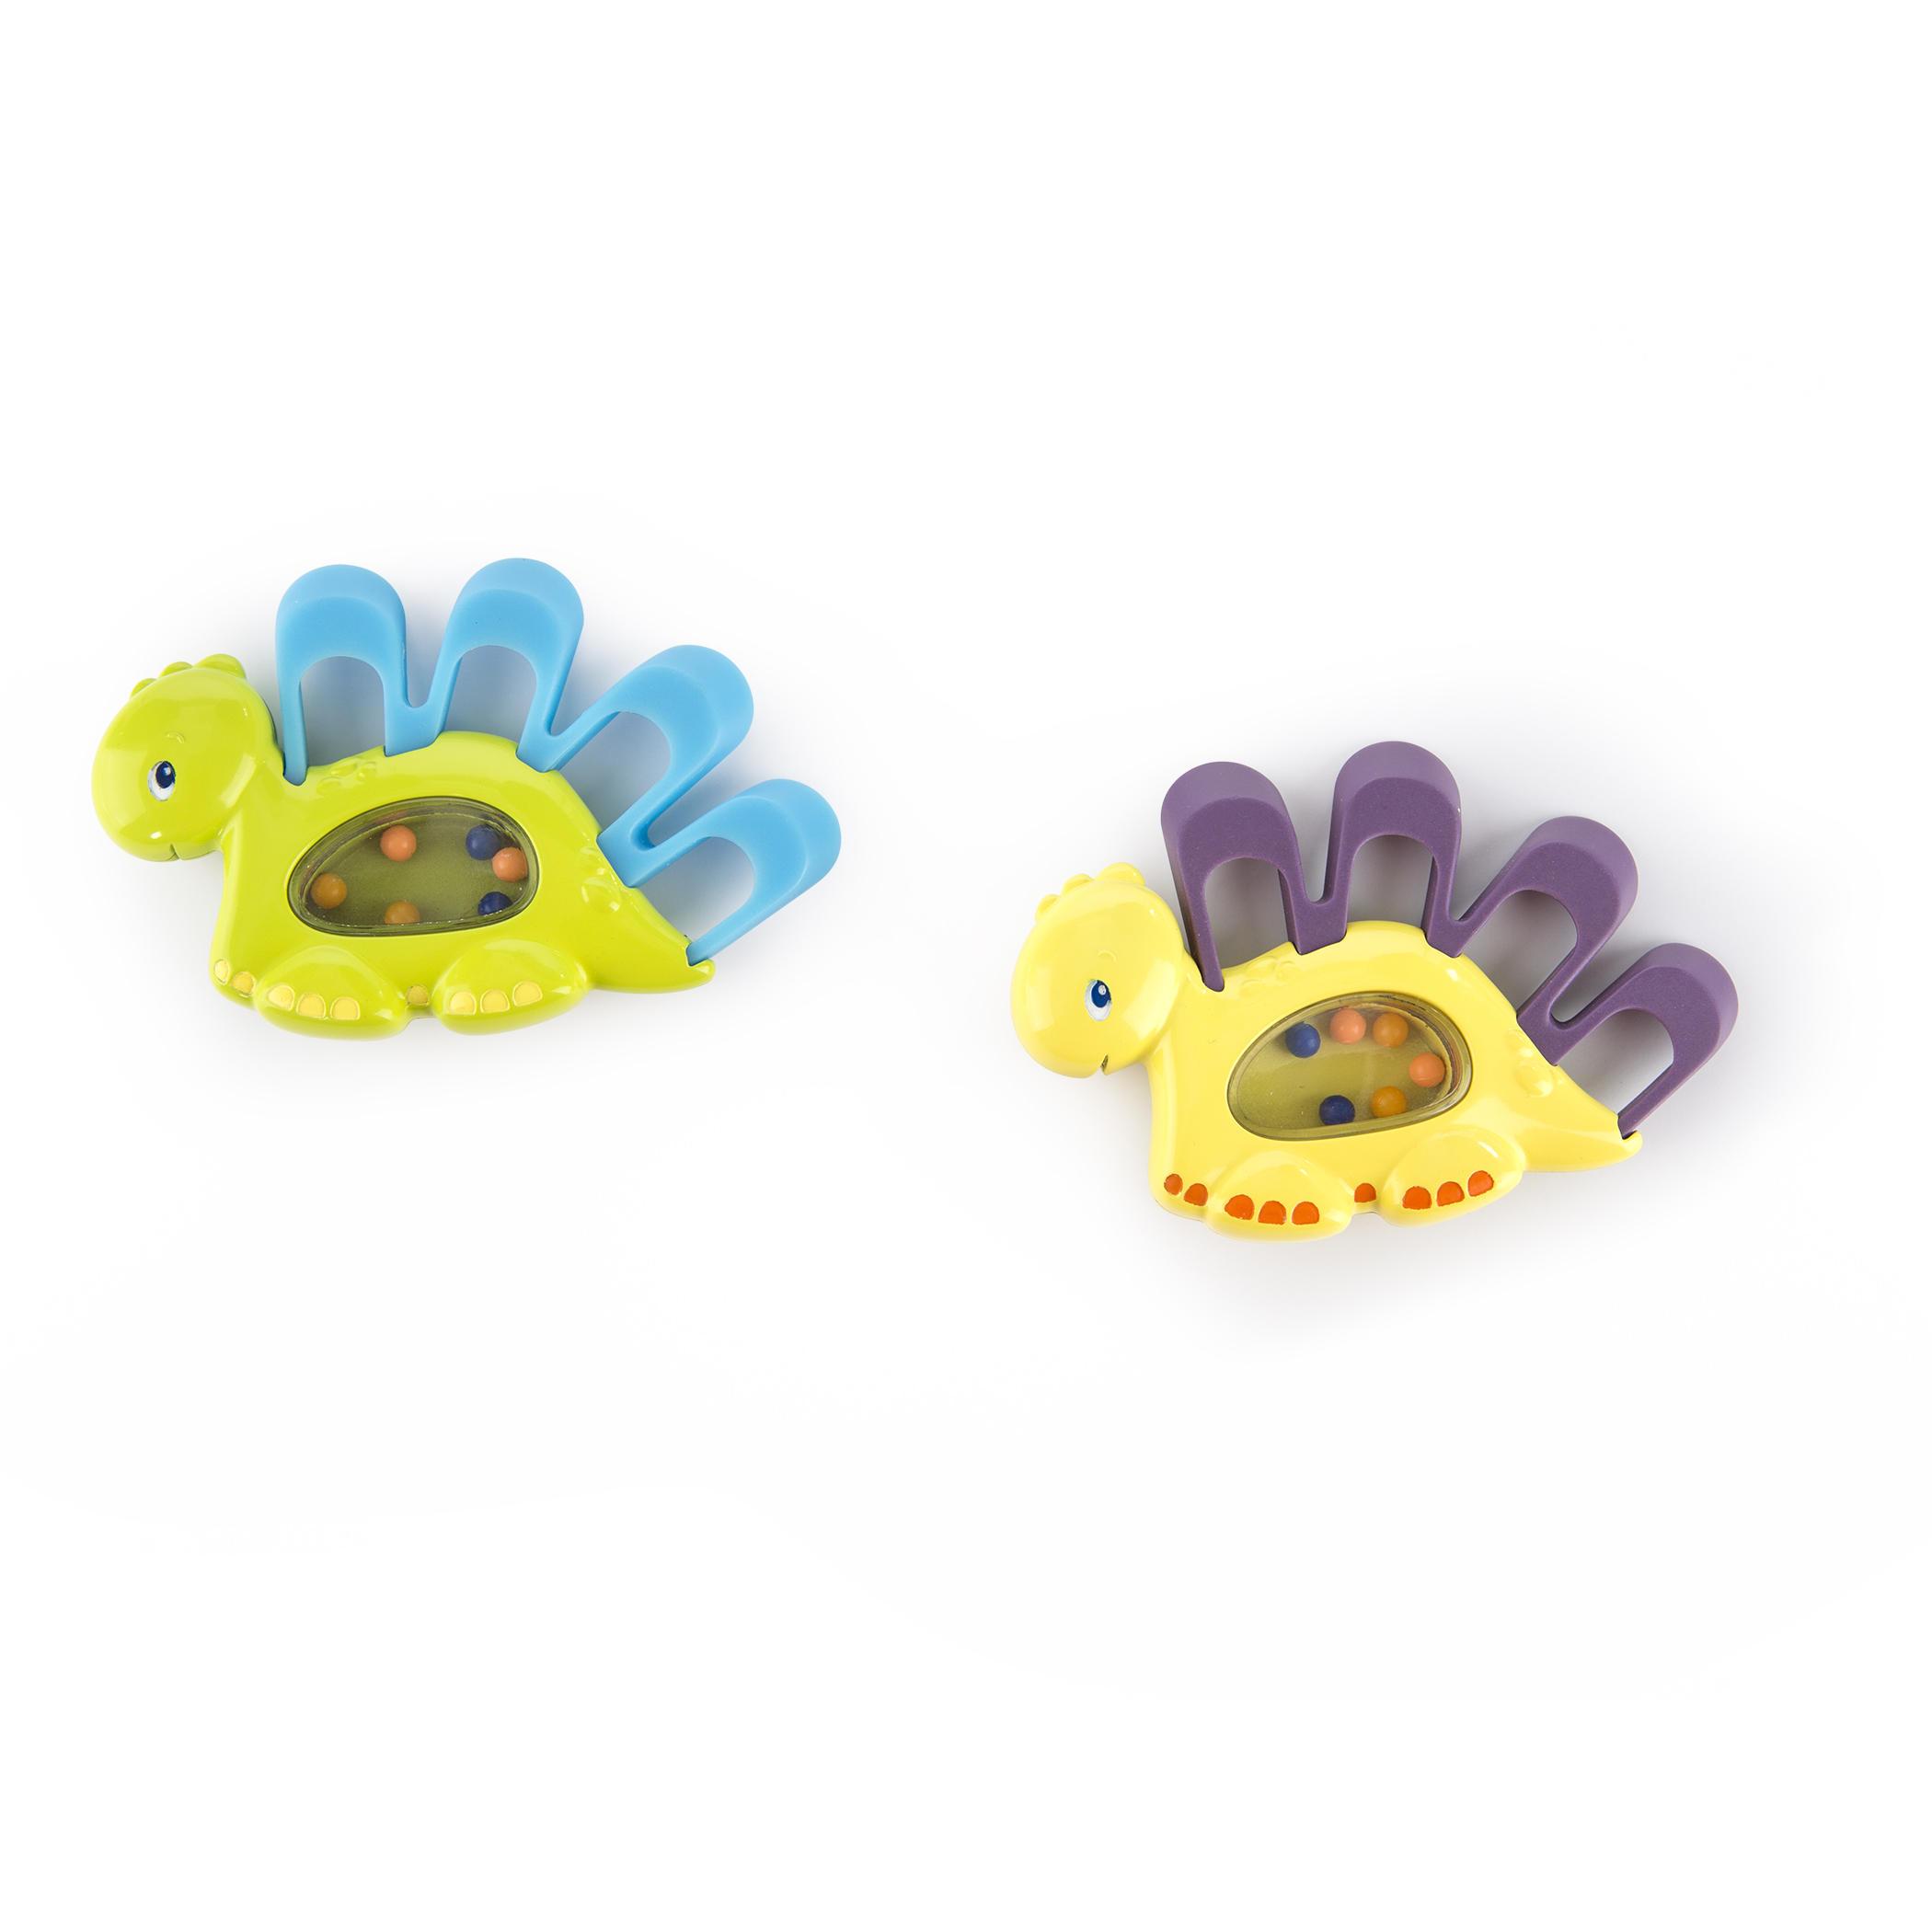 Teethe-a-saurus™ Teething Toy